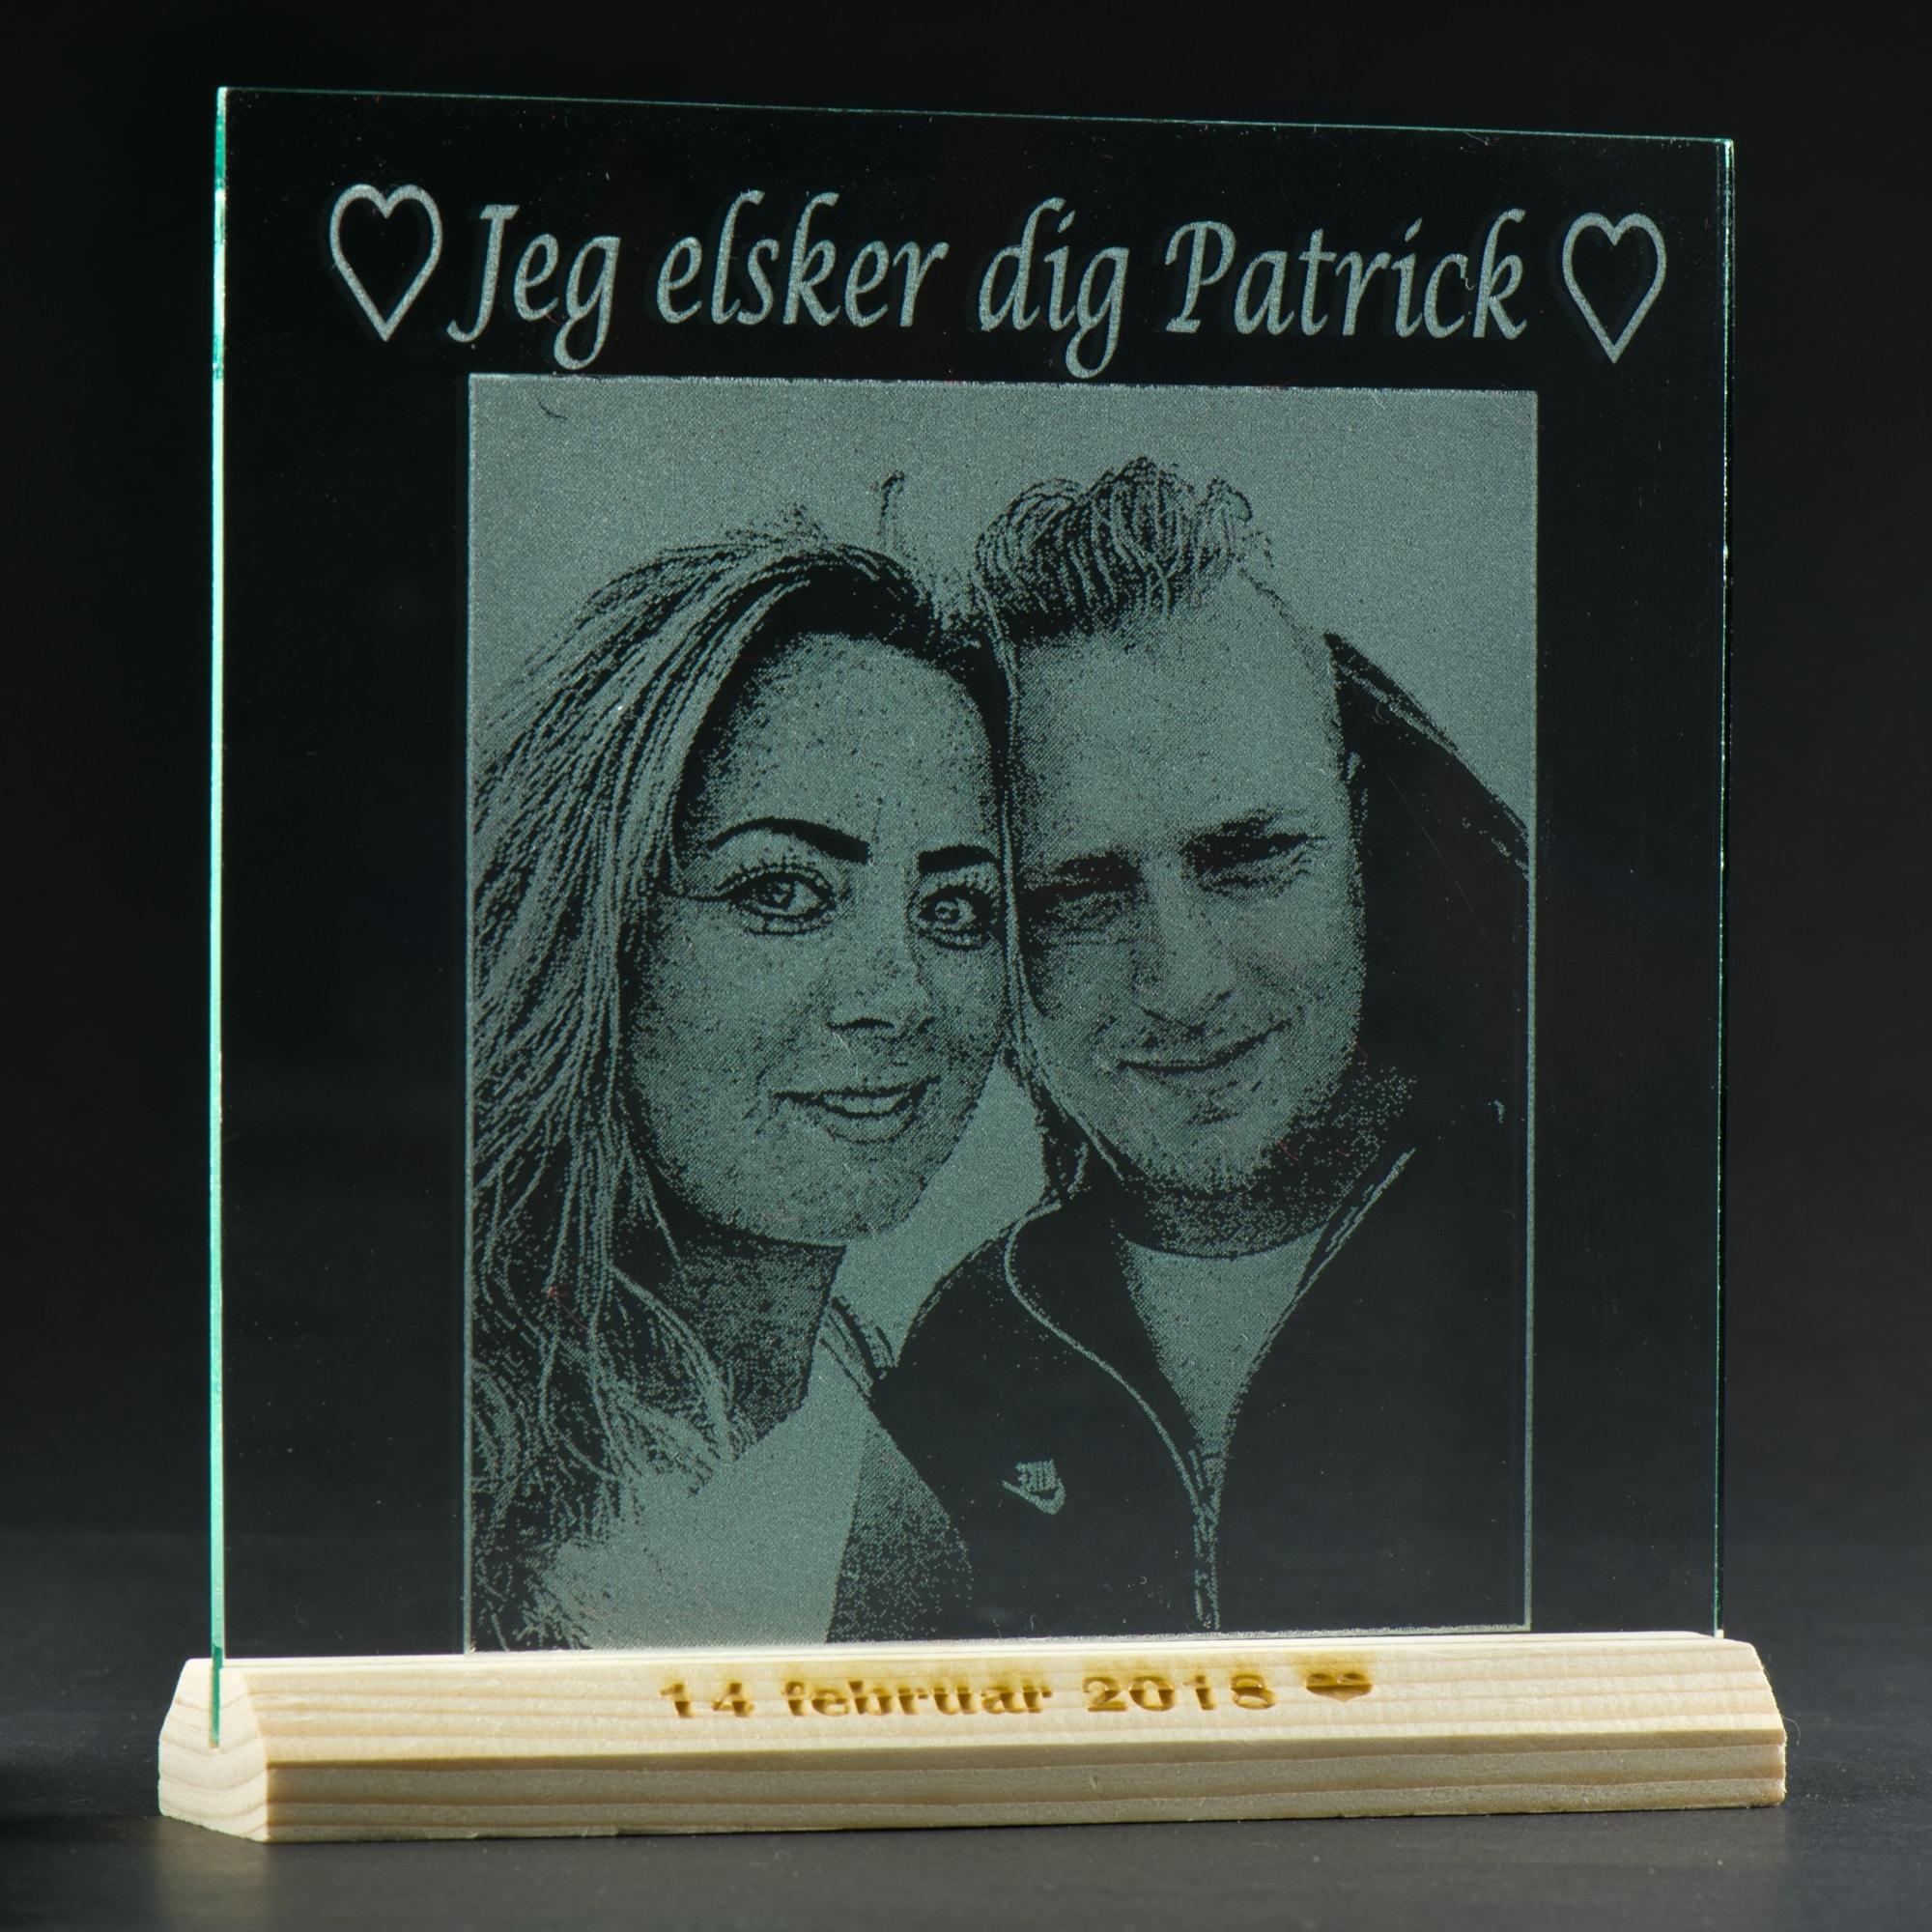 Glasplade med tekst og billede